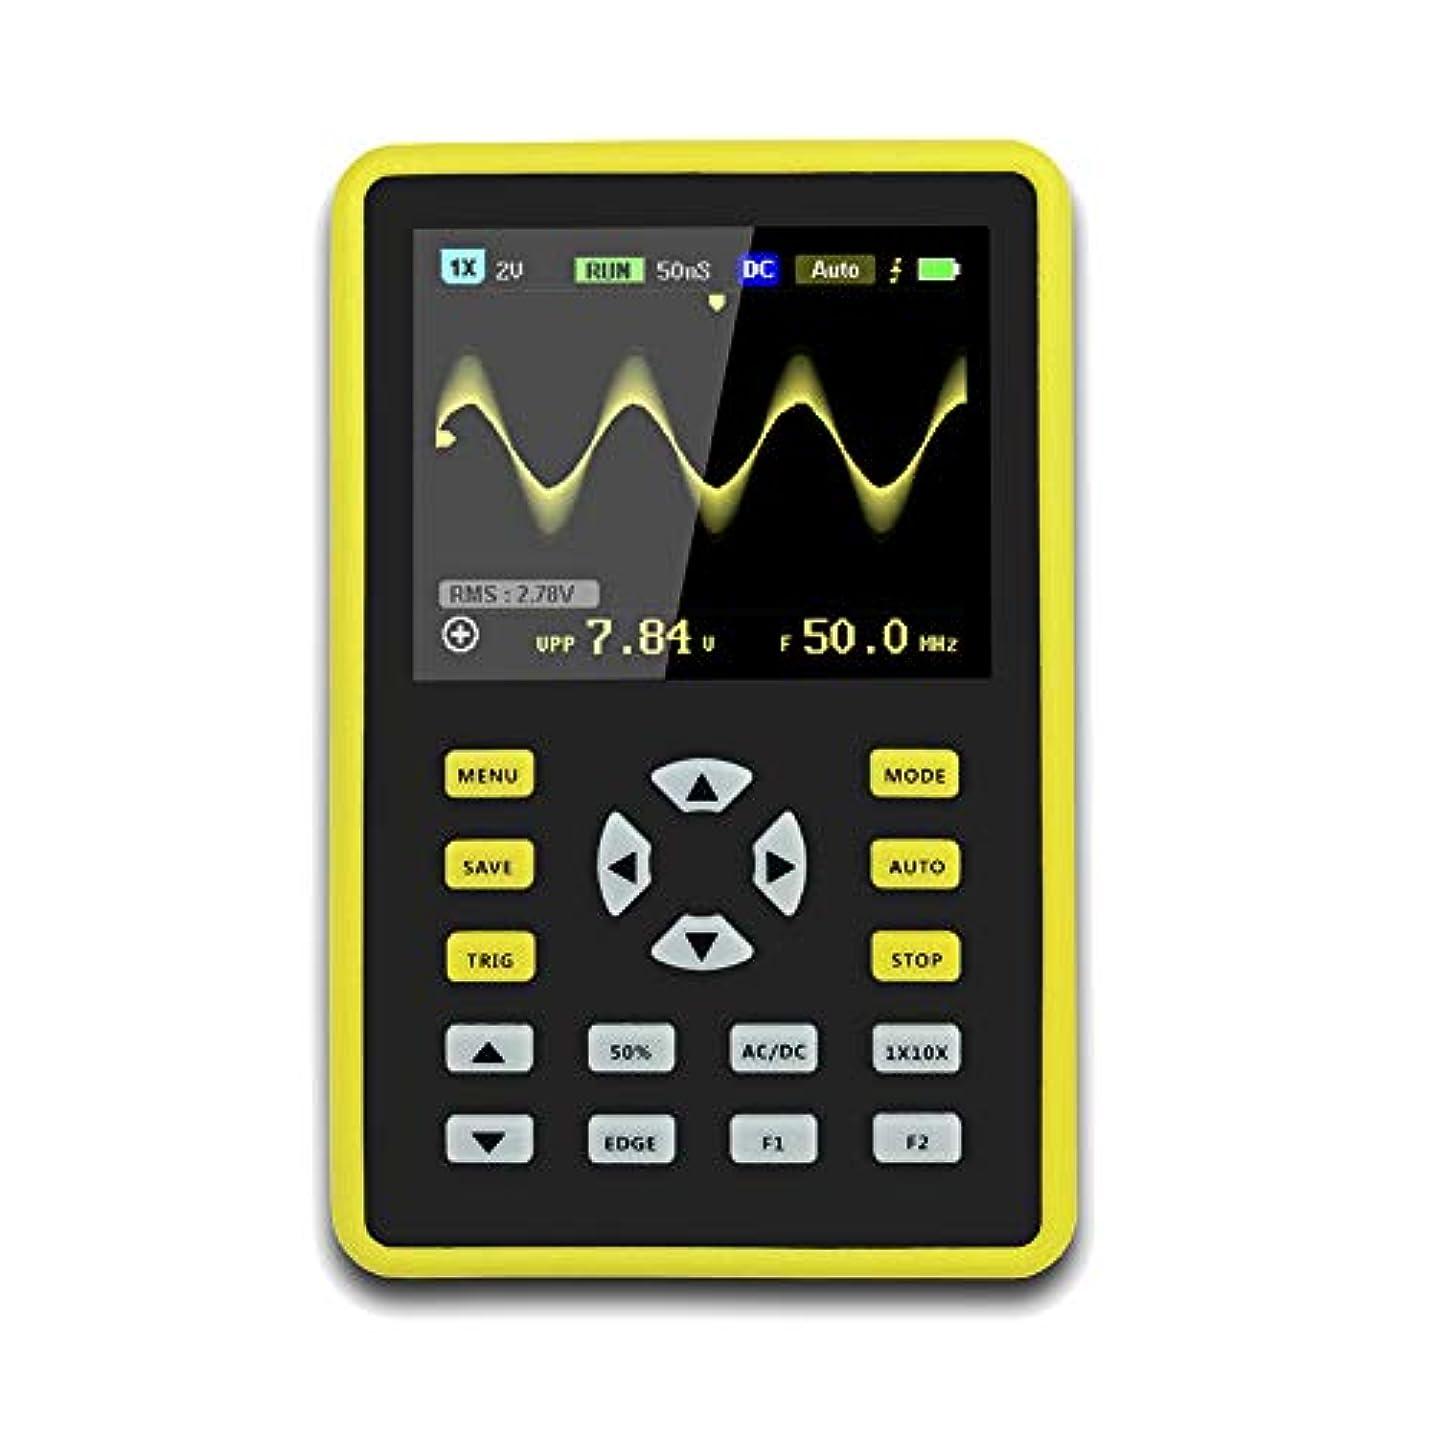 助けて抵抗永遠にCoolTack  手持ち型デジタル小型オシロスコープ2.4インチ500 MS/s IPS LCD表示スクリーンの携帯用